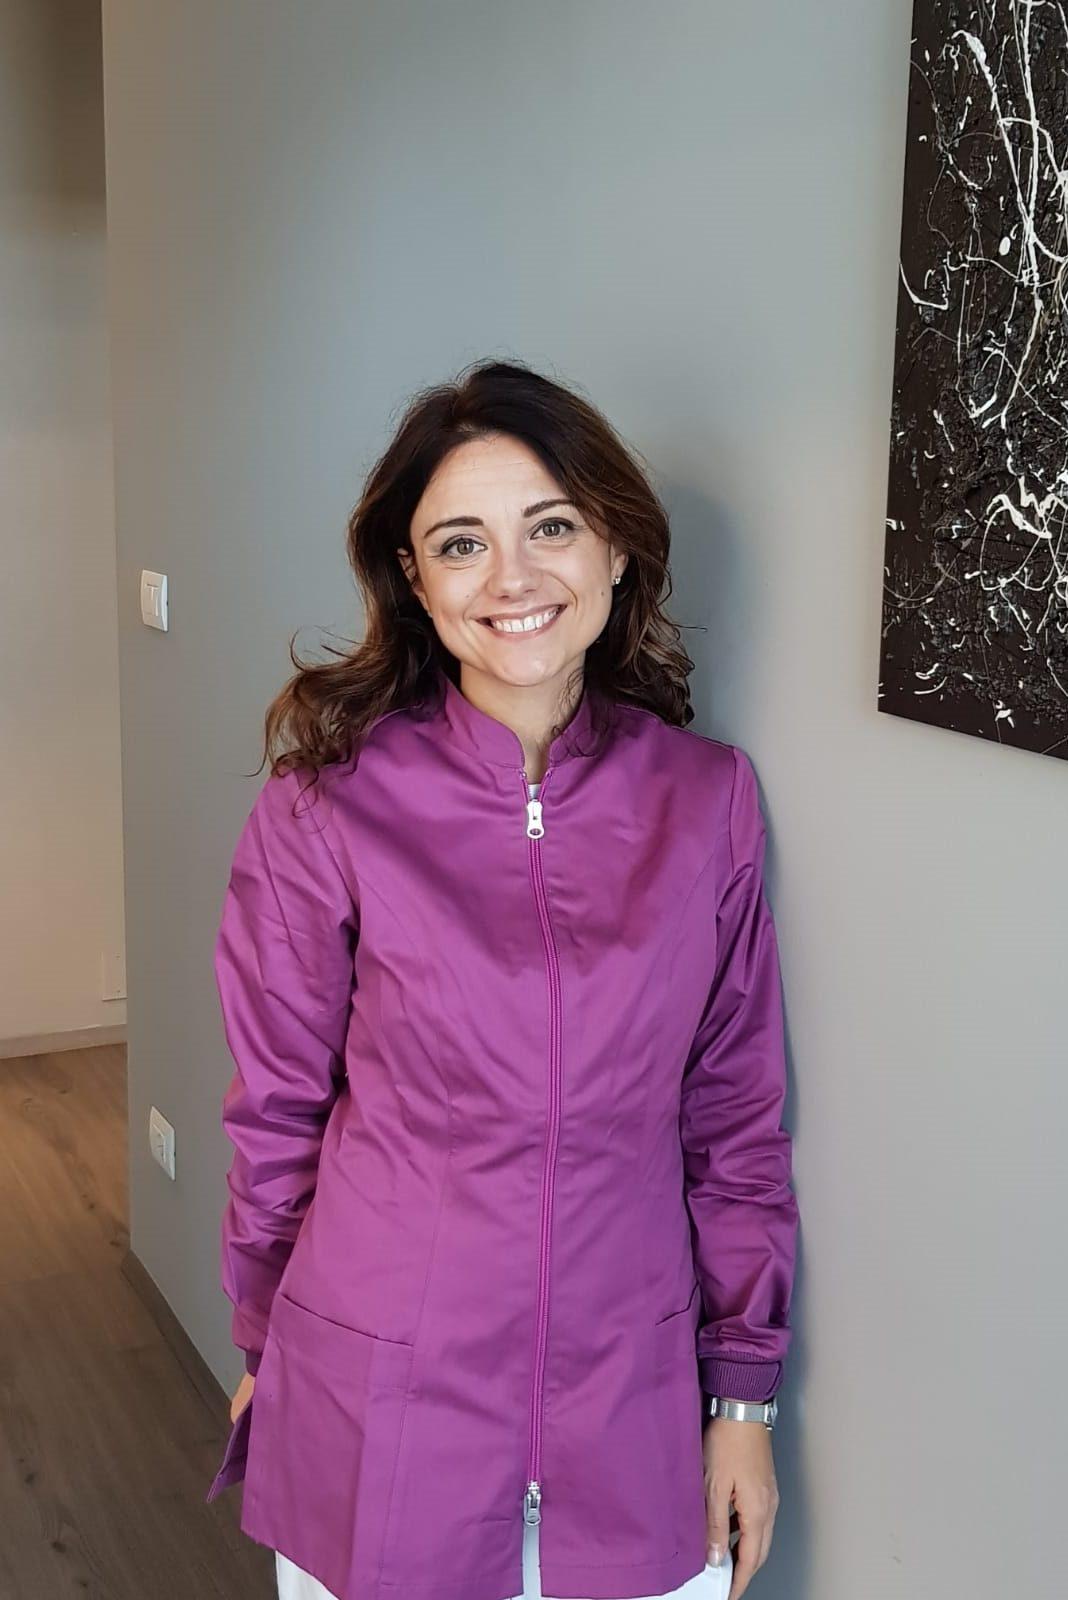 Dott. ssa Francesca Trovato